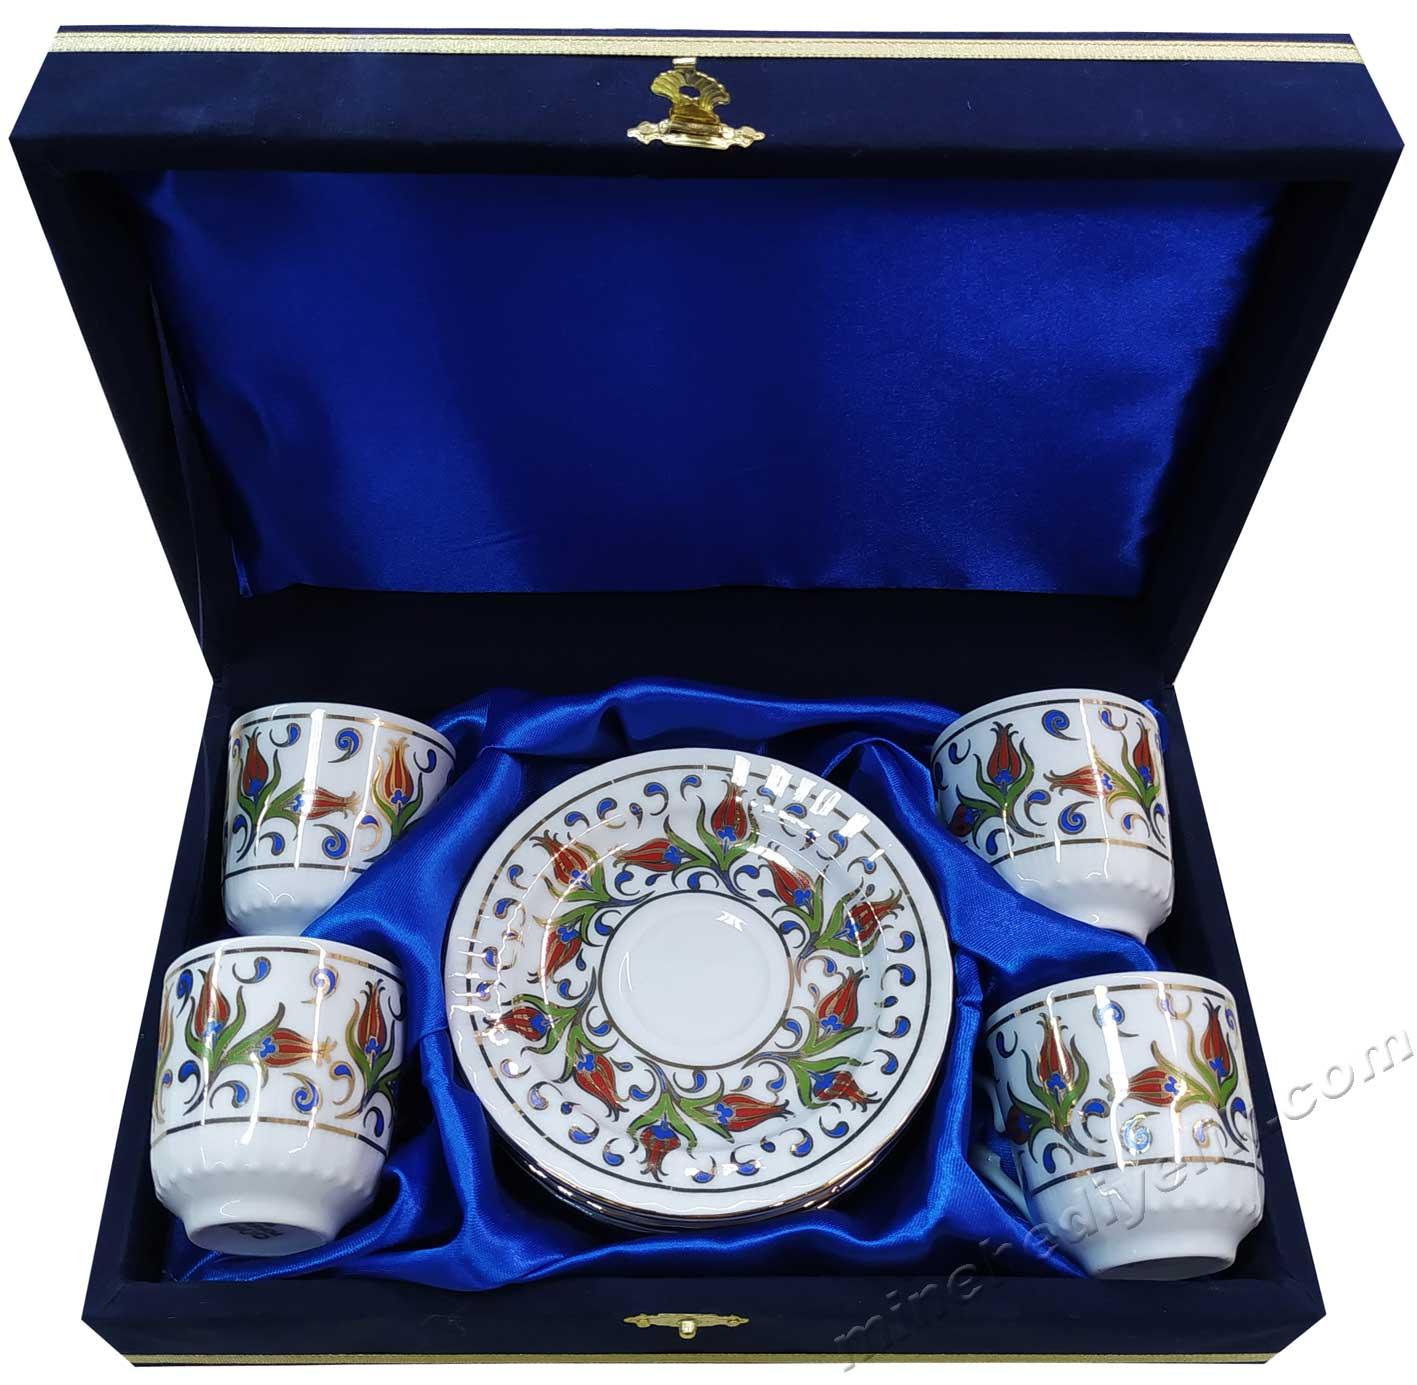 4 Kişilik Kahve Fincan setleri Yabancı Misafirler İçin Türkiye ye Özgü Hediyeler kutulu dekoratif çini desenli Osmanlı kahve Fincanı setleri